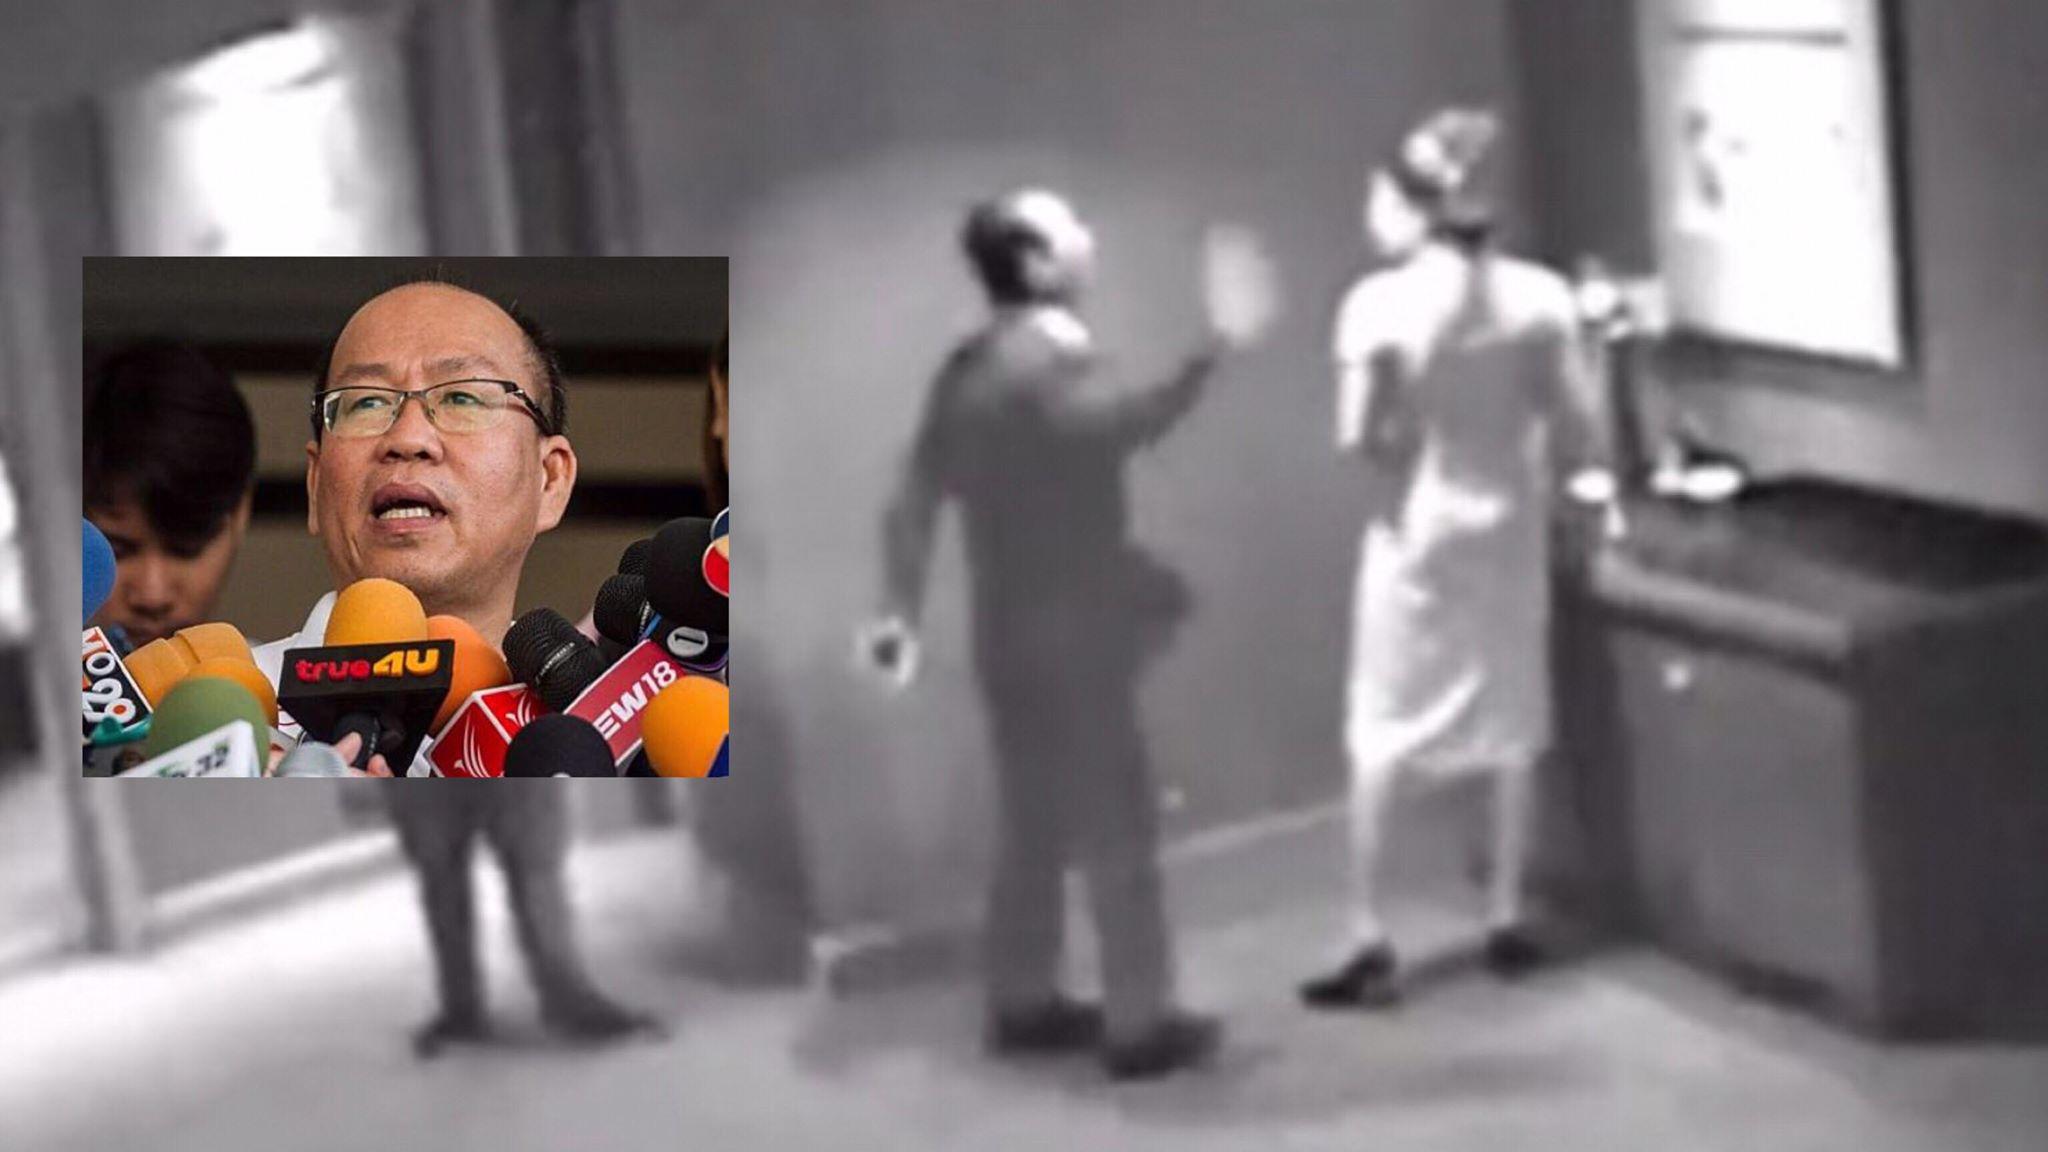 """""""อัจฉริยะ"""" ยื่นมือช่วยสาวเสิร์ฟถูกเสี่ยนิคมอุตฯตบหน้า ยันทำผิดต้องรู้จักขอโทษ"""